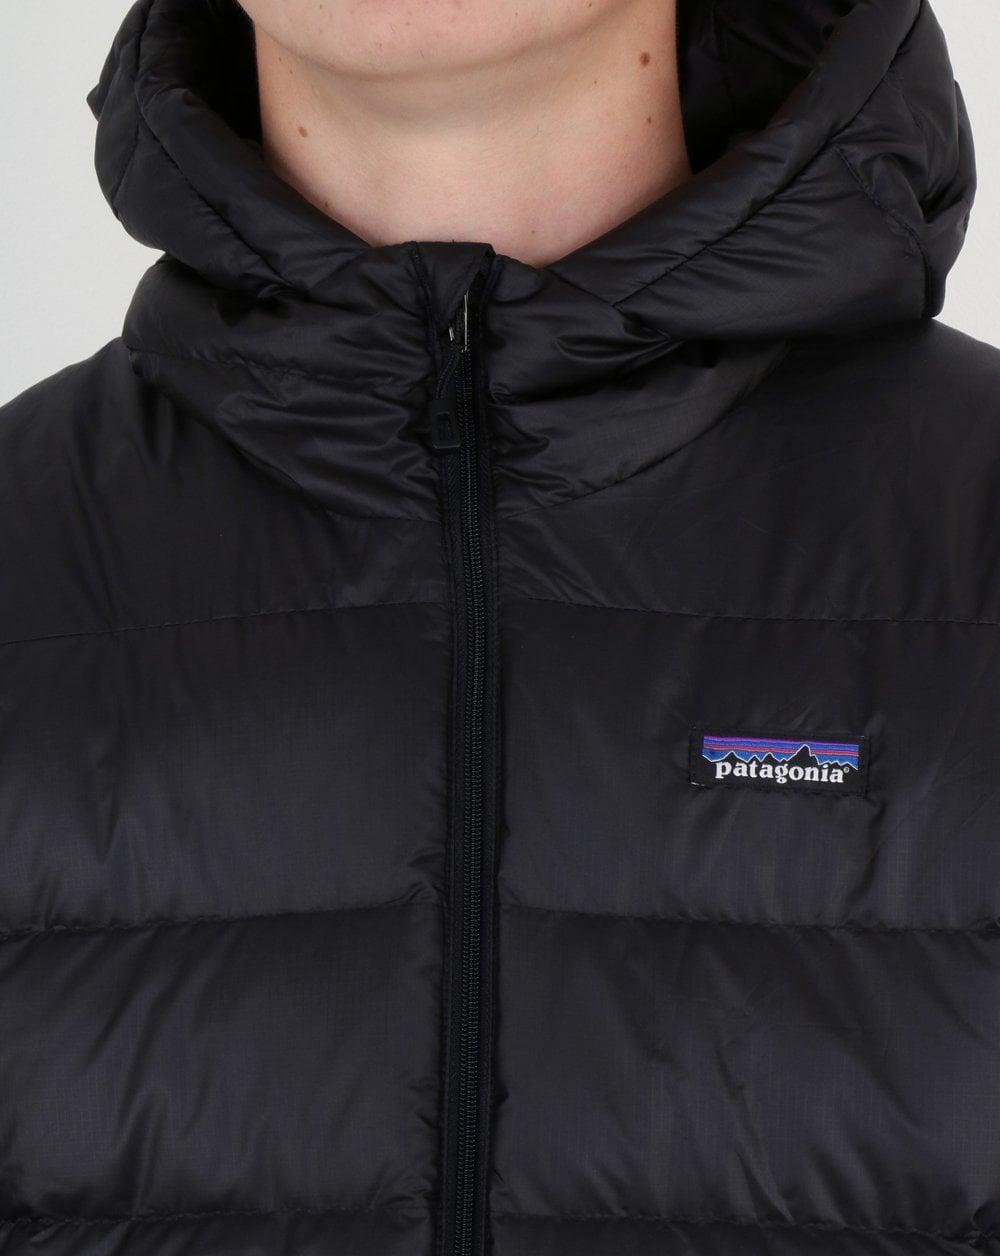 adefdb8d0 Patagonia Hi-loft Down Hooded Jacket Black